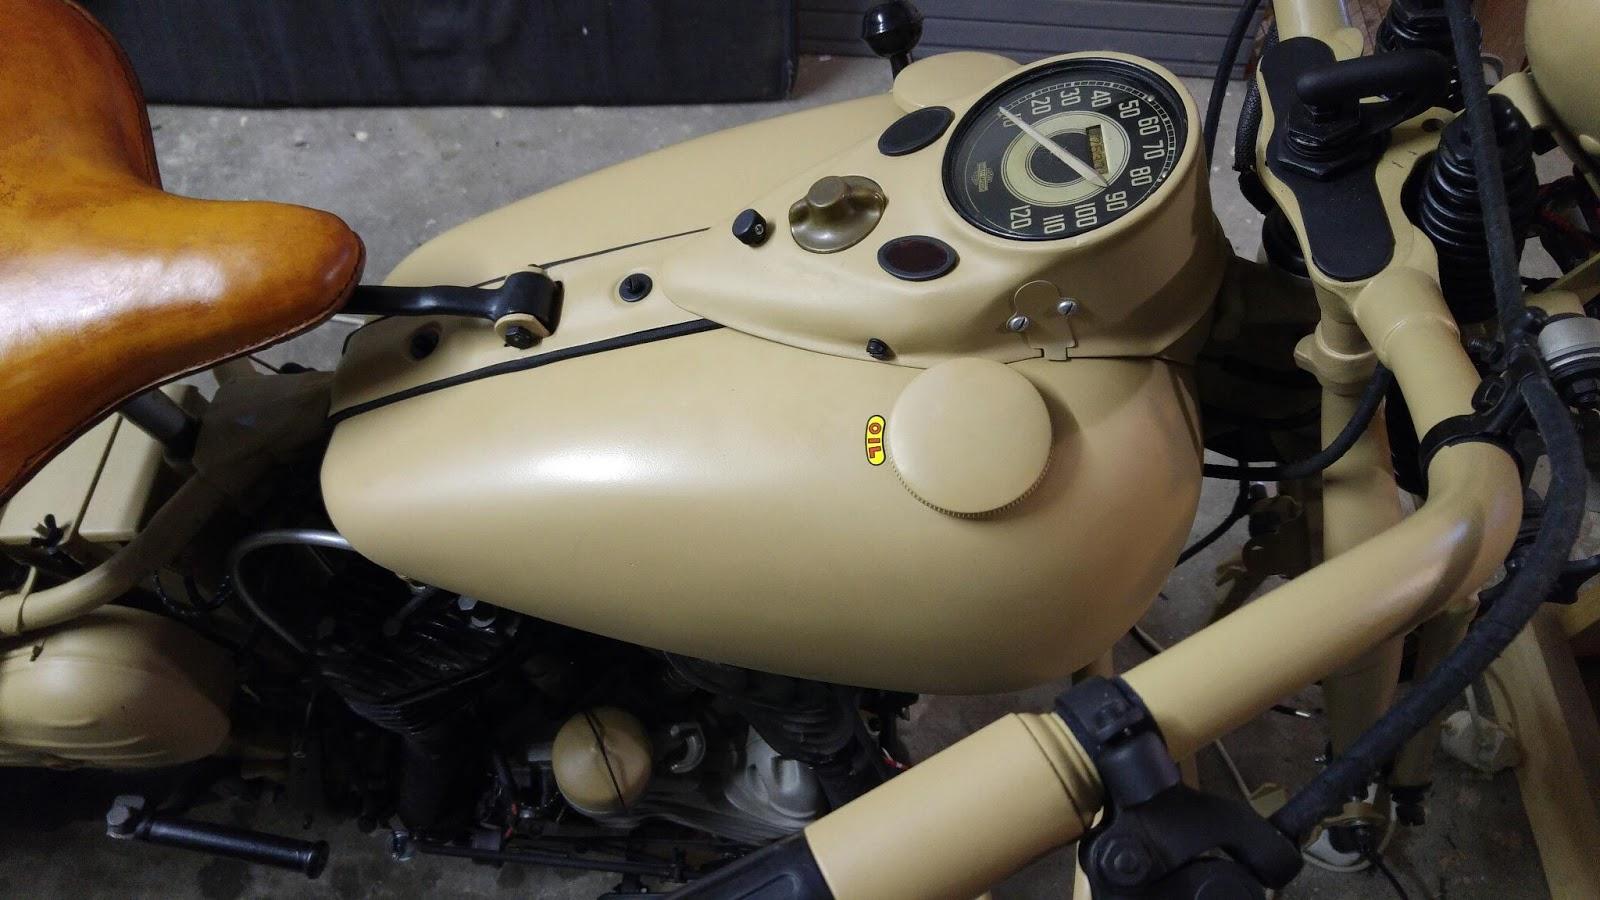 1941 Harley Davidson WL Restoration : Test Fitted the